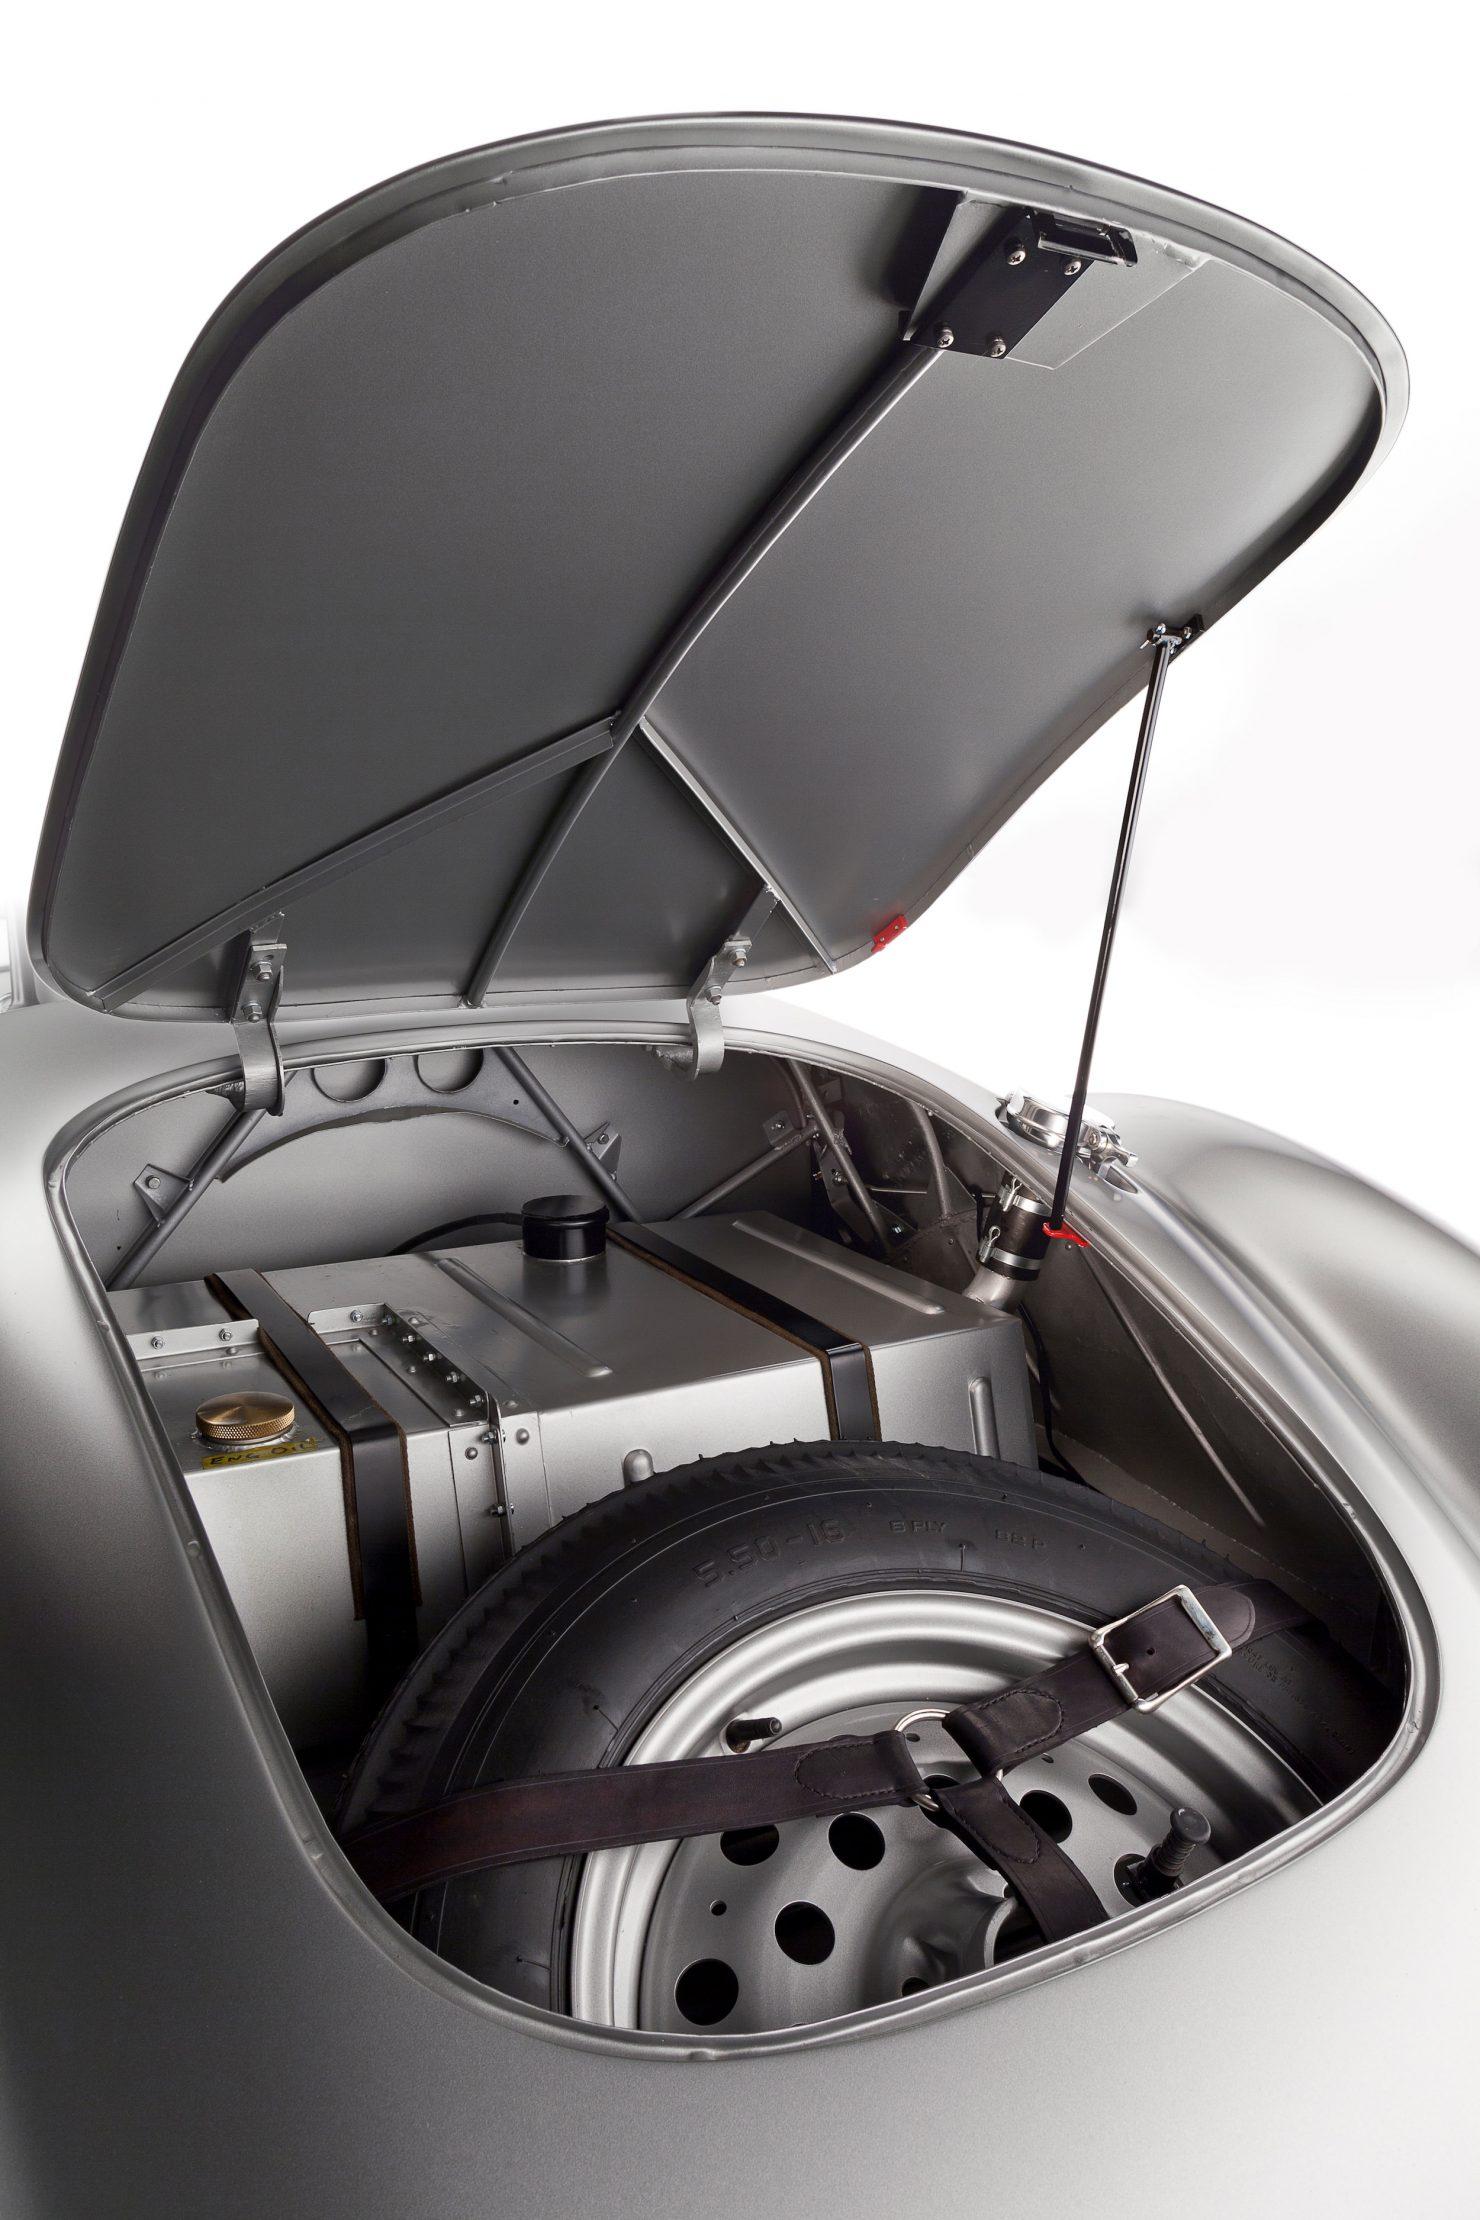 BMW 328 24 1480x2220 - 1940 BMW 328 Roadster